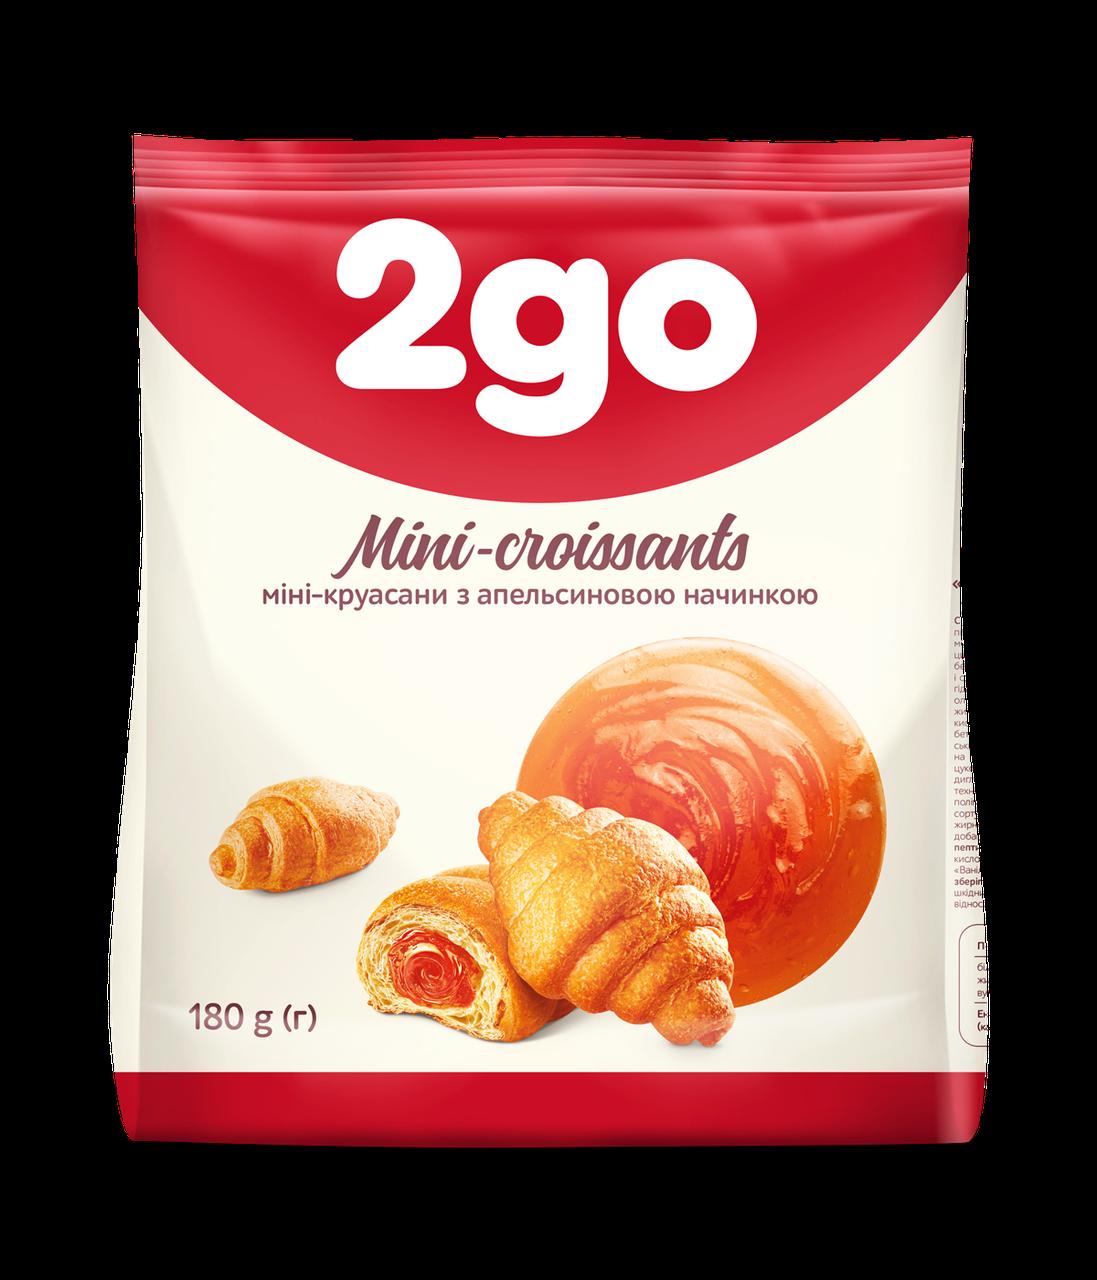 """Мини-круассан """"2GO"""" с апельсиновой начинкой 180г"""